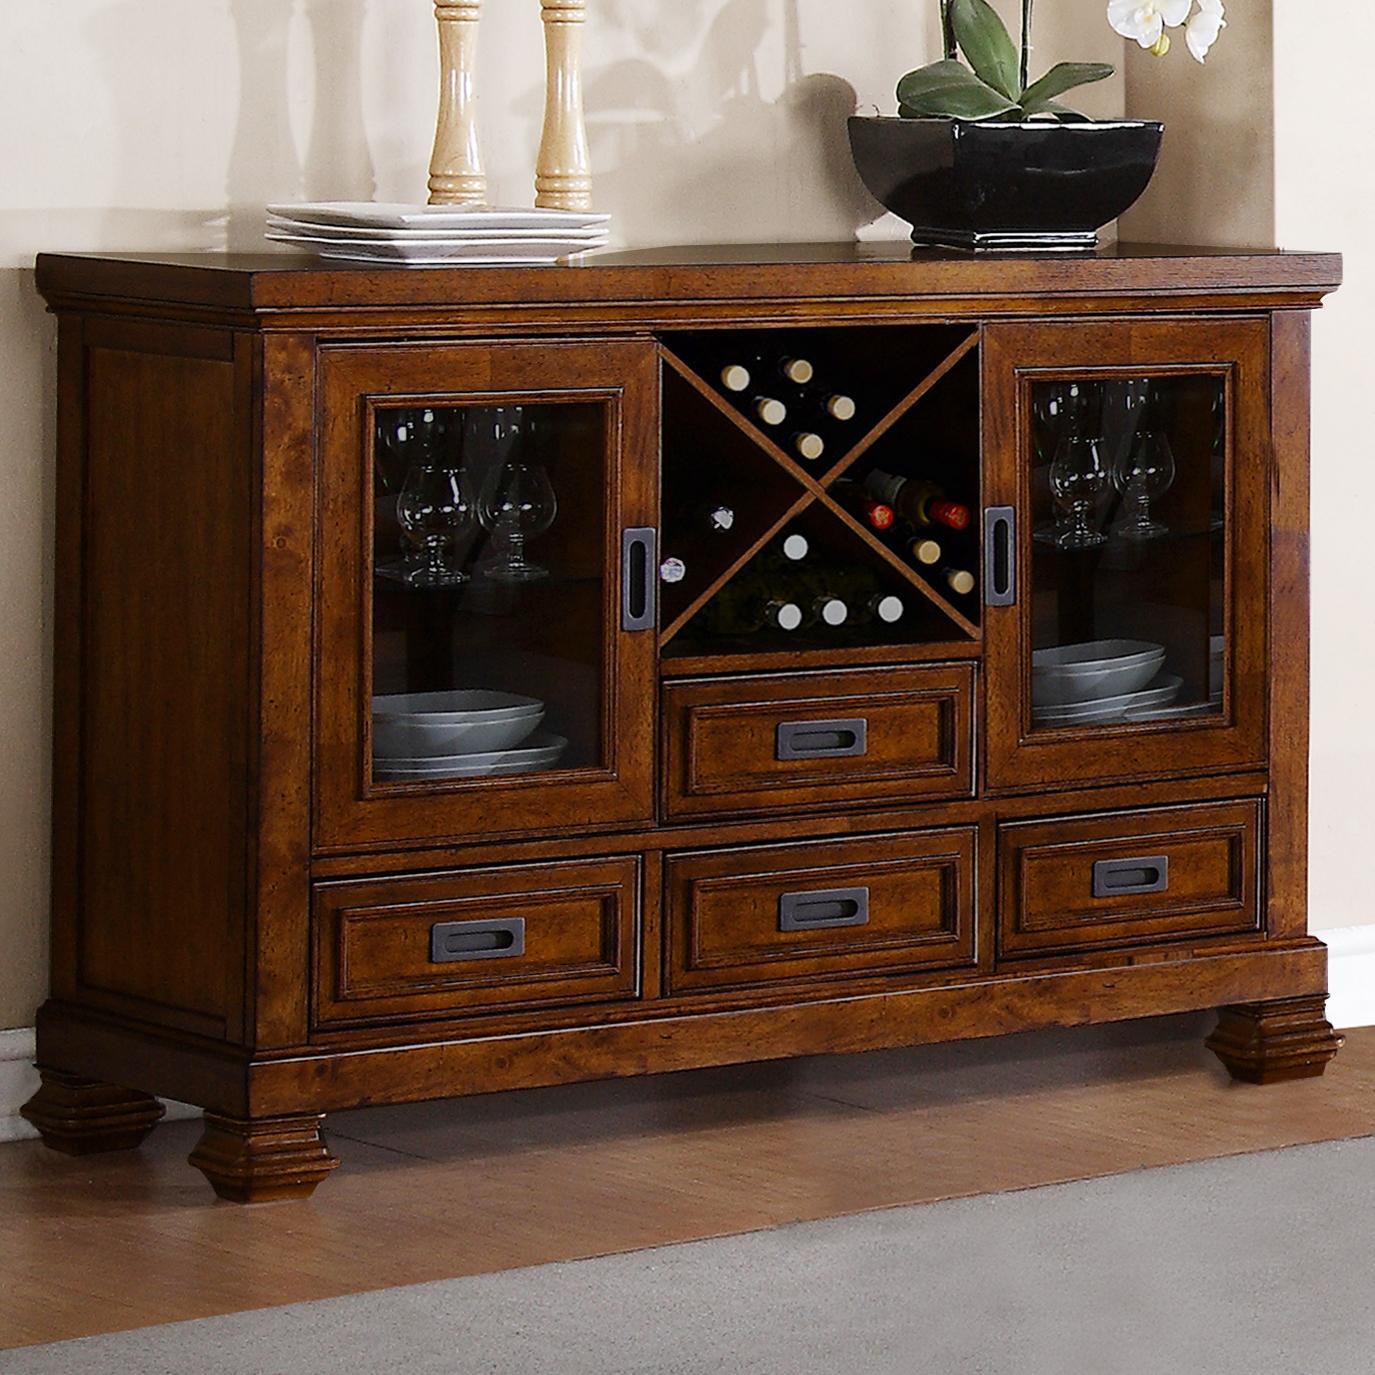 Cascade Cascade Server by HH at Walker's Furniture